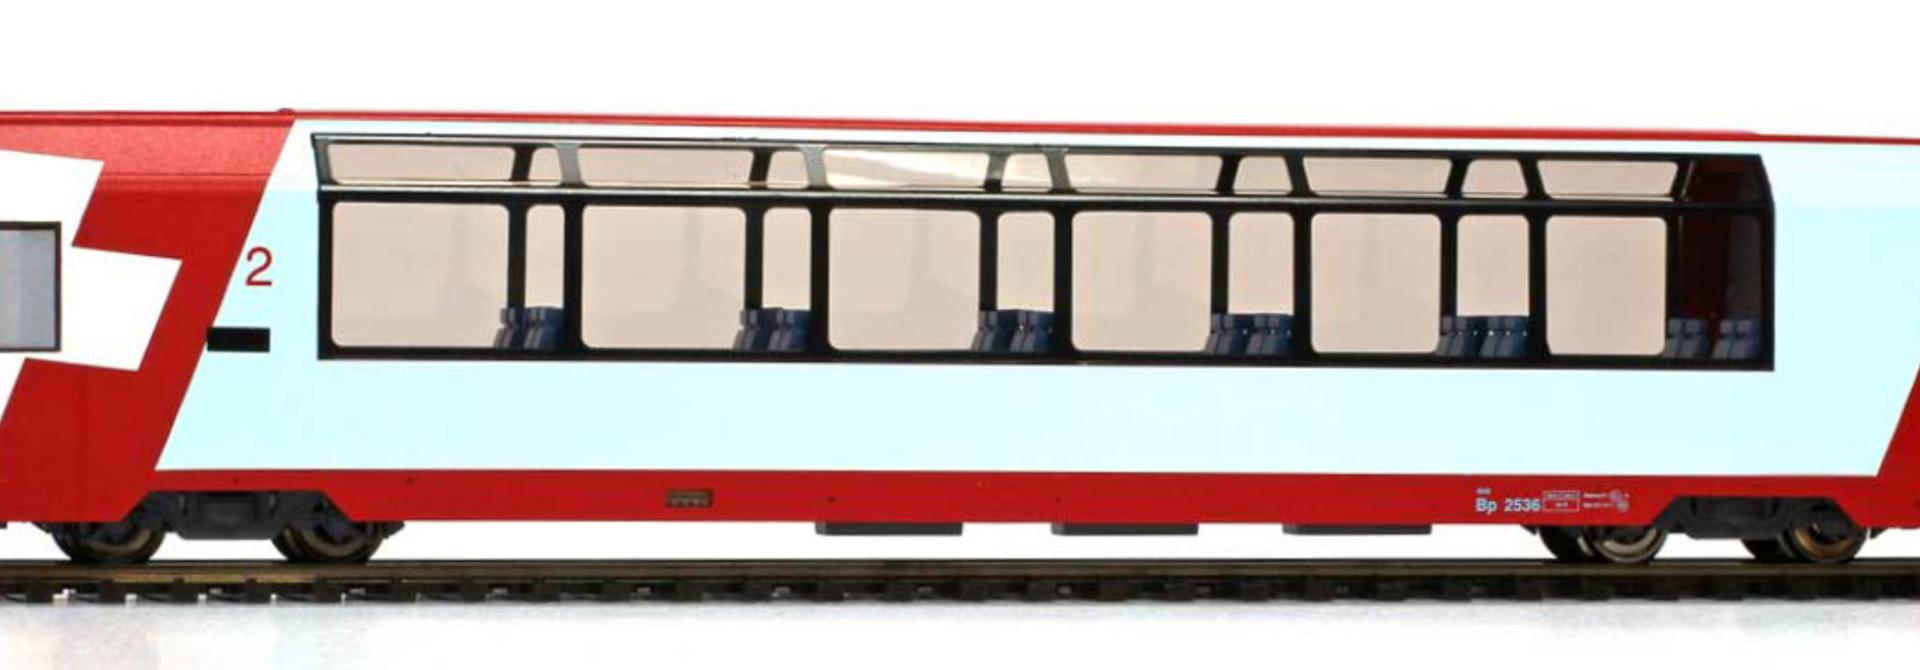 """3589127 RhB Bp 2537 """"Glacier Express"""" H0 3L-WS"""